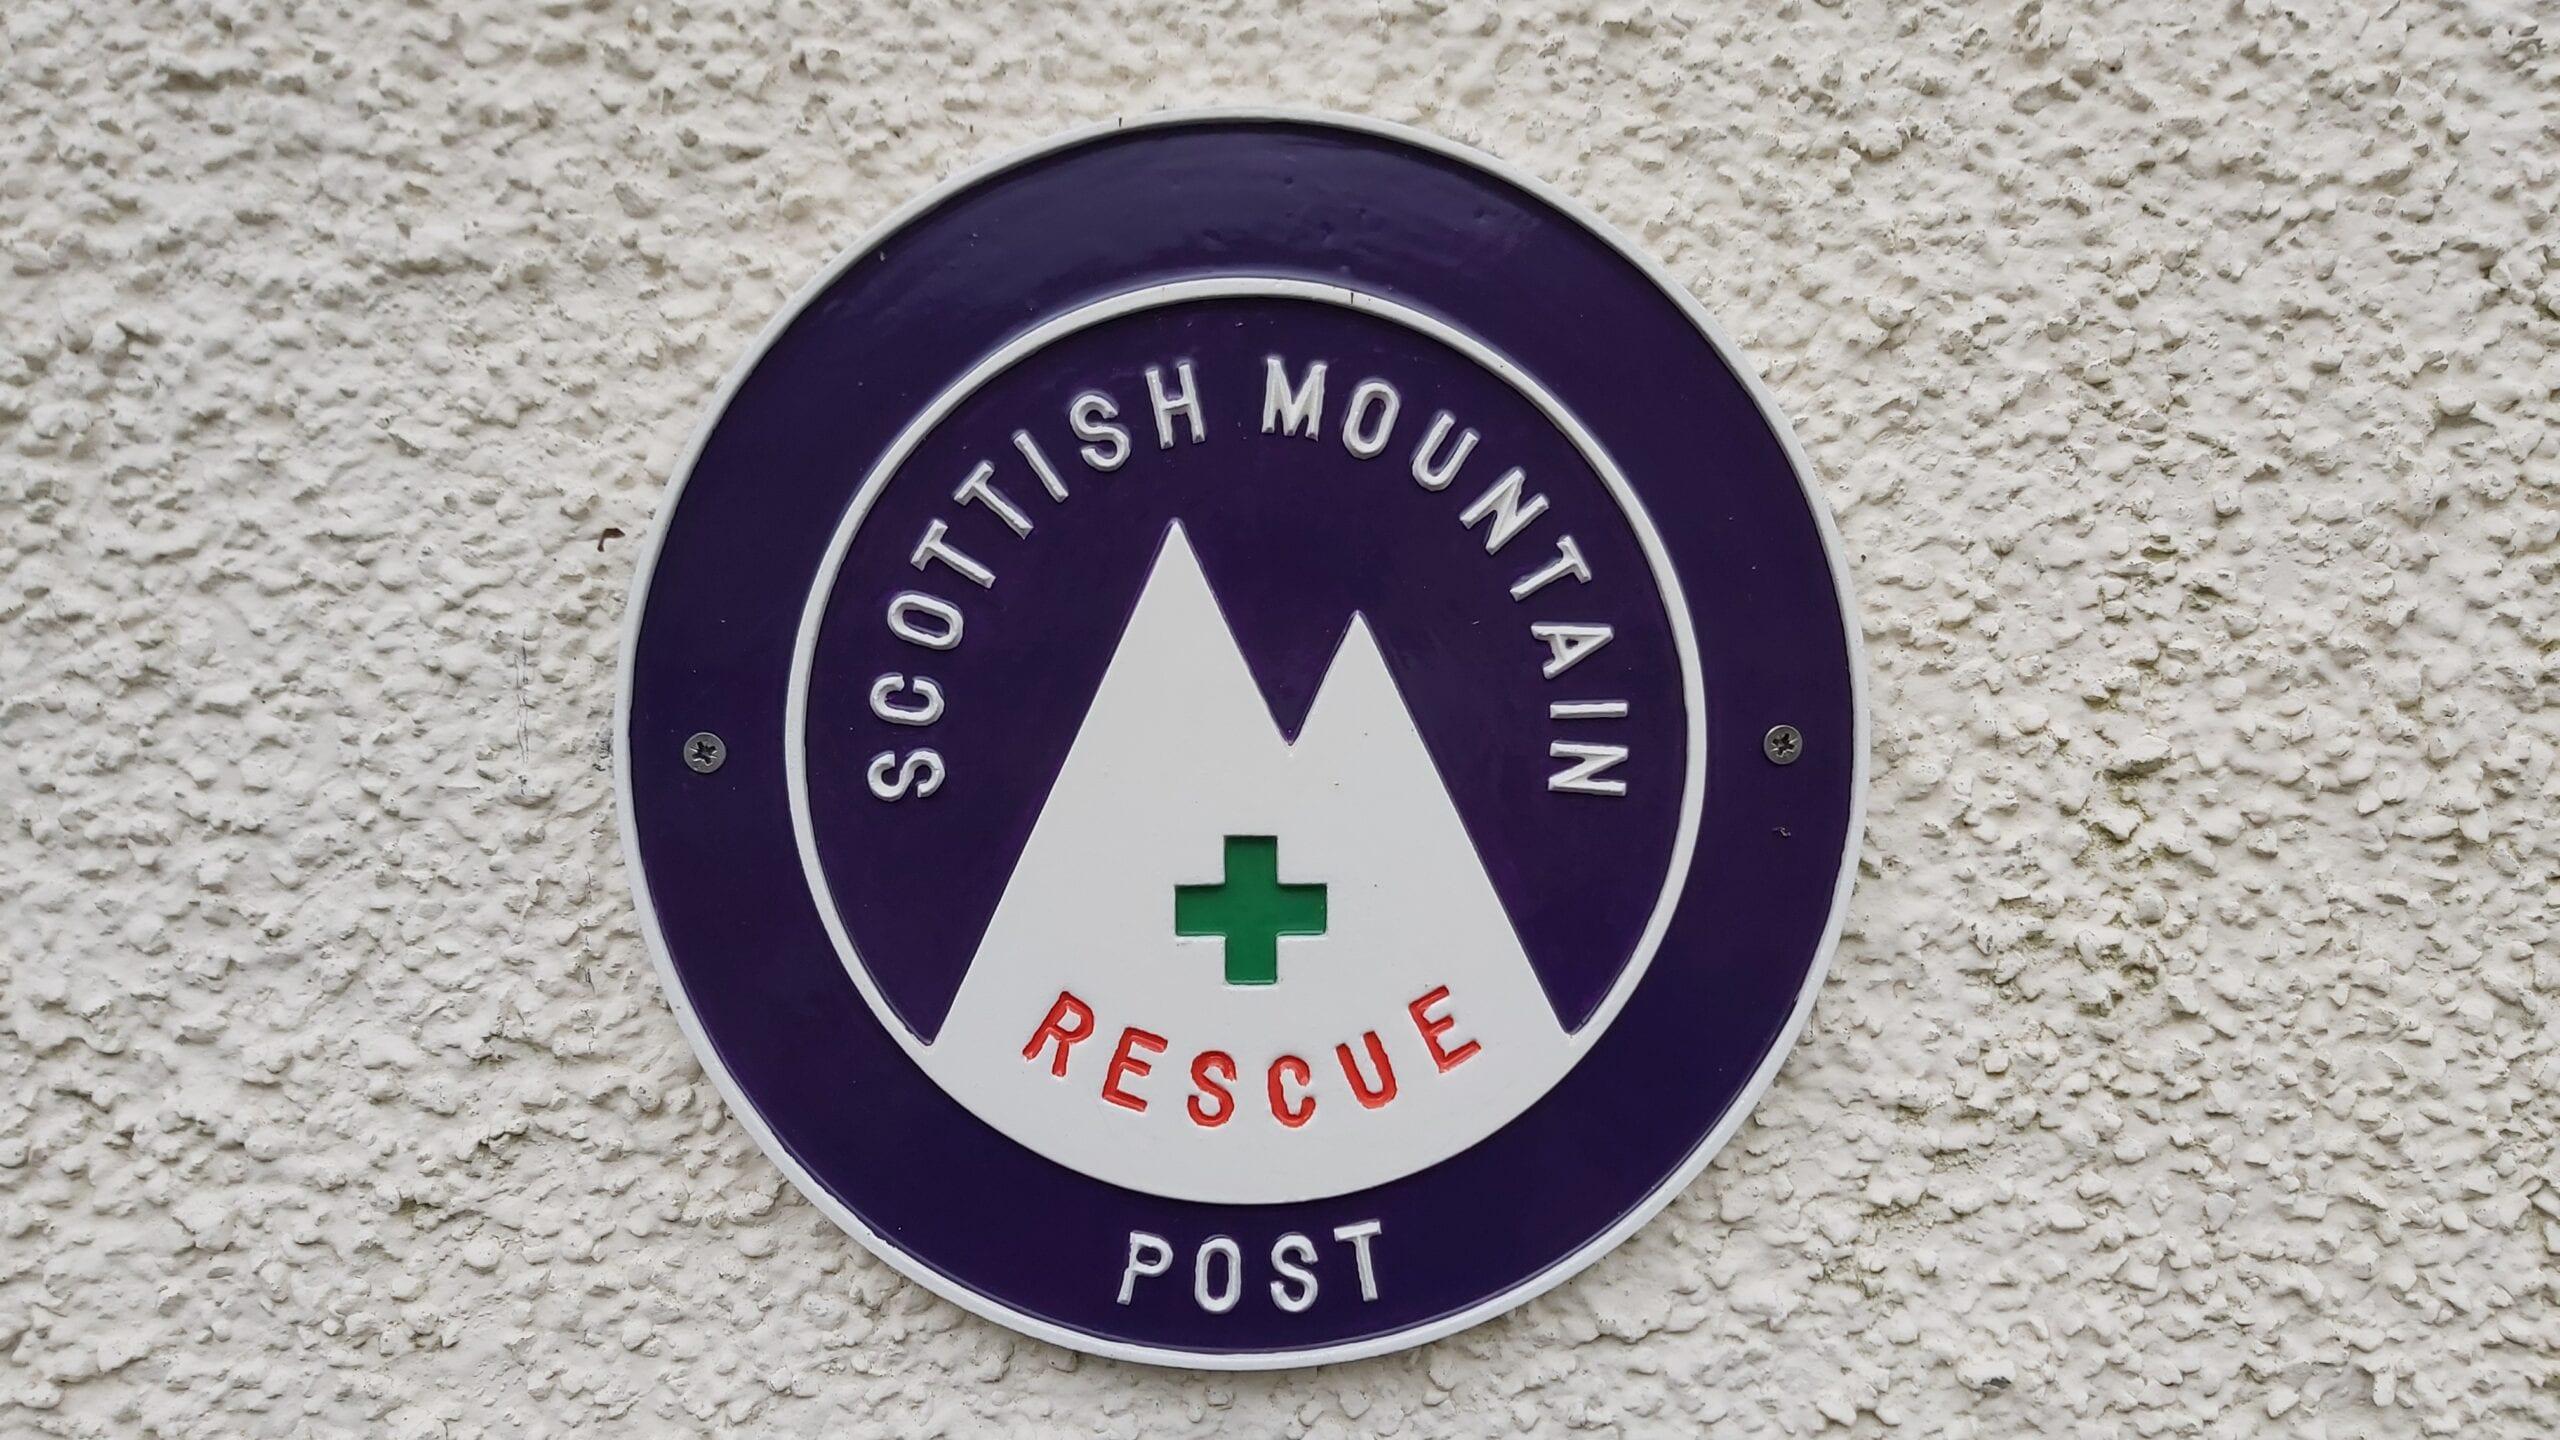 Scottish Mountain Rescue Post Logo